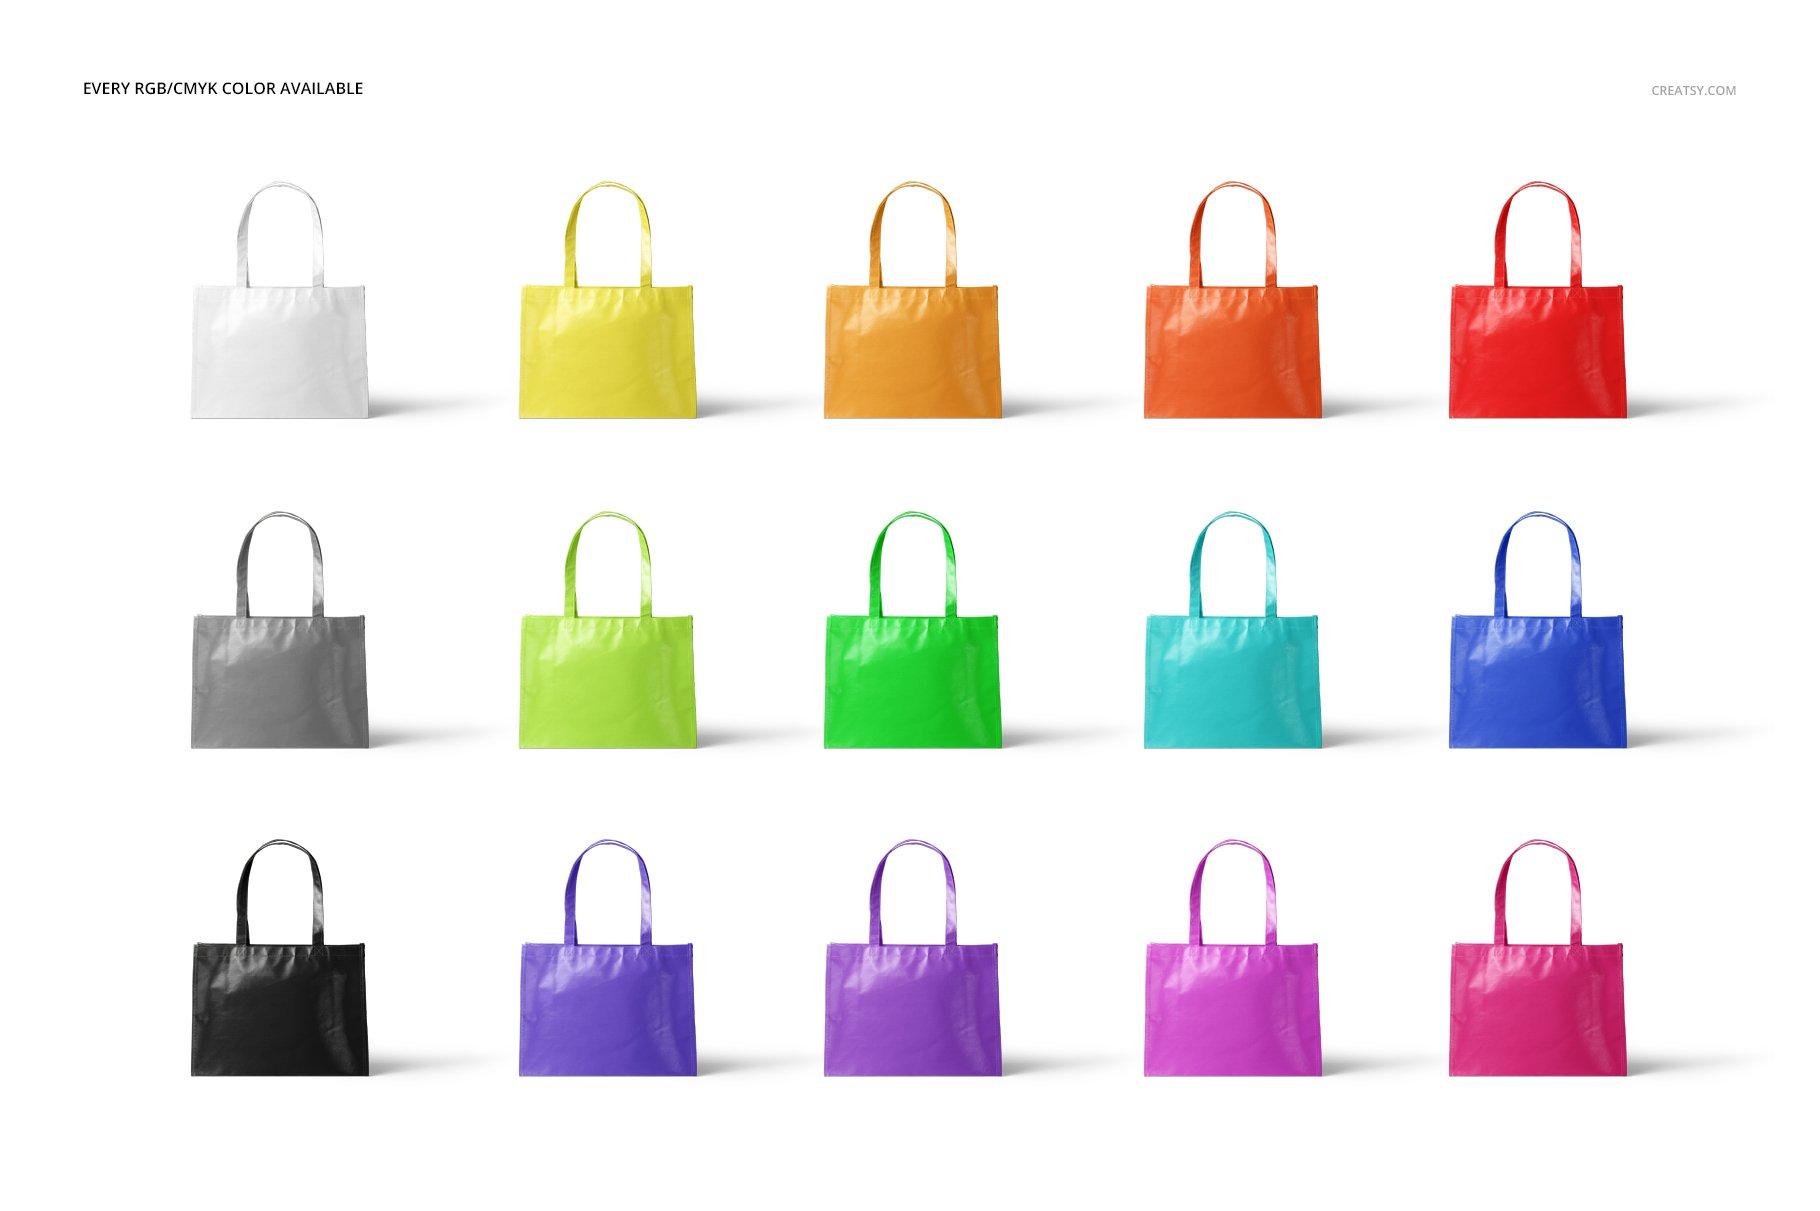 层压光面无纺布购物手提袋设计贴图样机模板套装 Laminated Non-Woven Tote Bag Mockups插图(2)